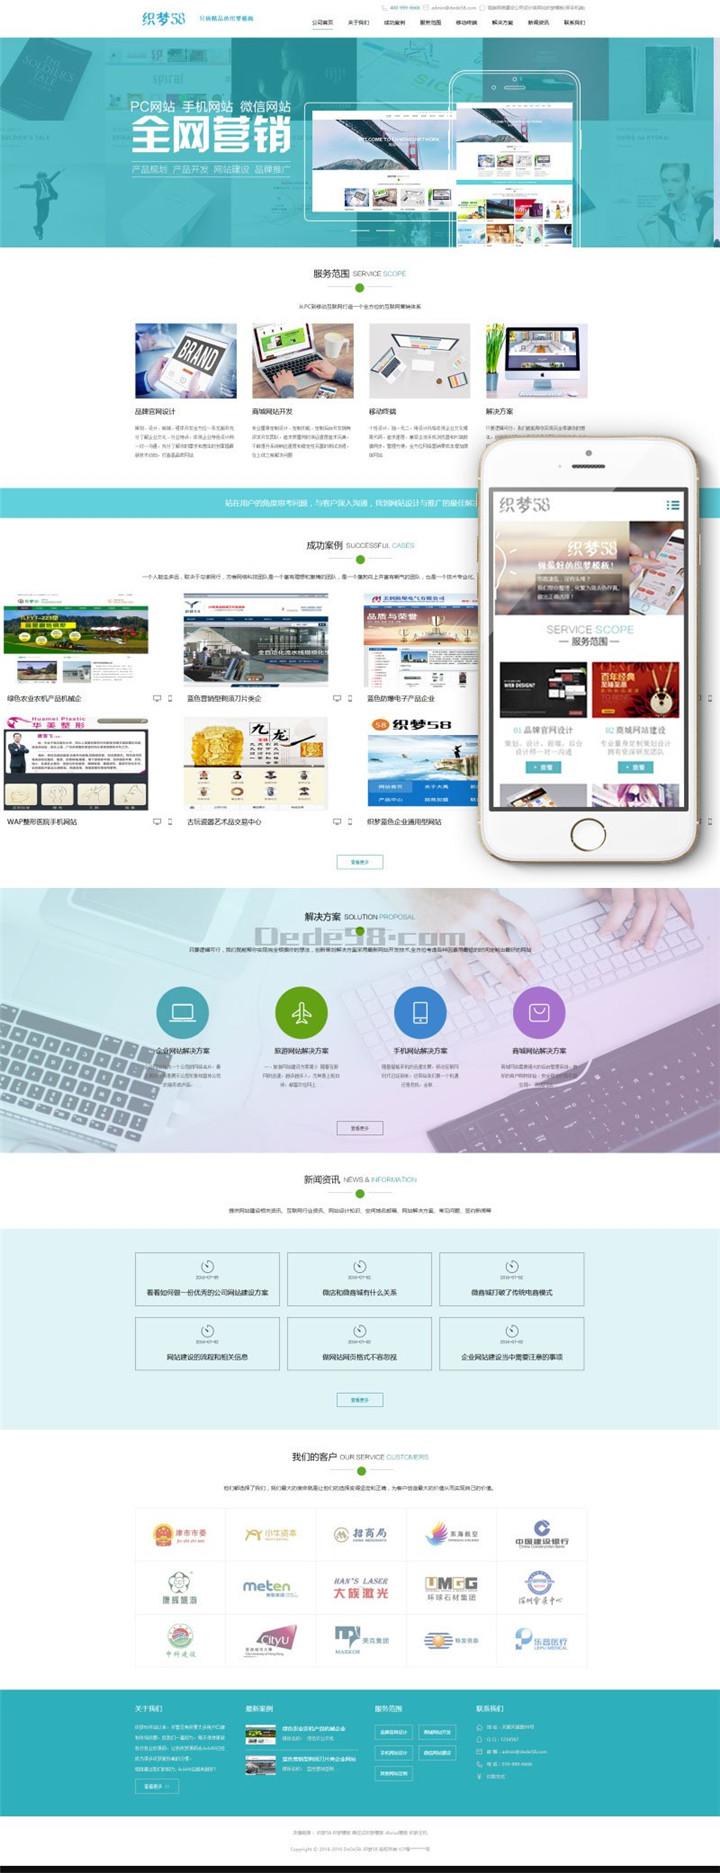 爱上源码网文章高端网络建设公司设计类网站织梦模板(带手机端)营销型整站源码下载的内容插图